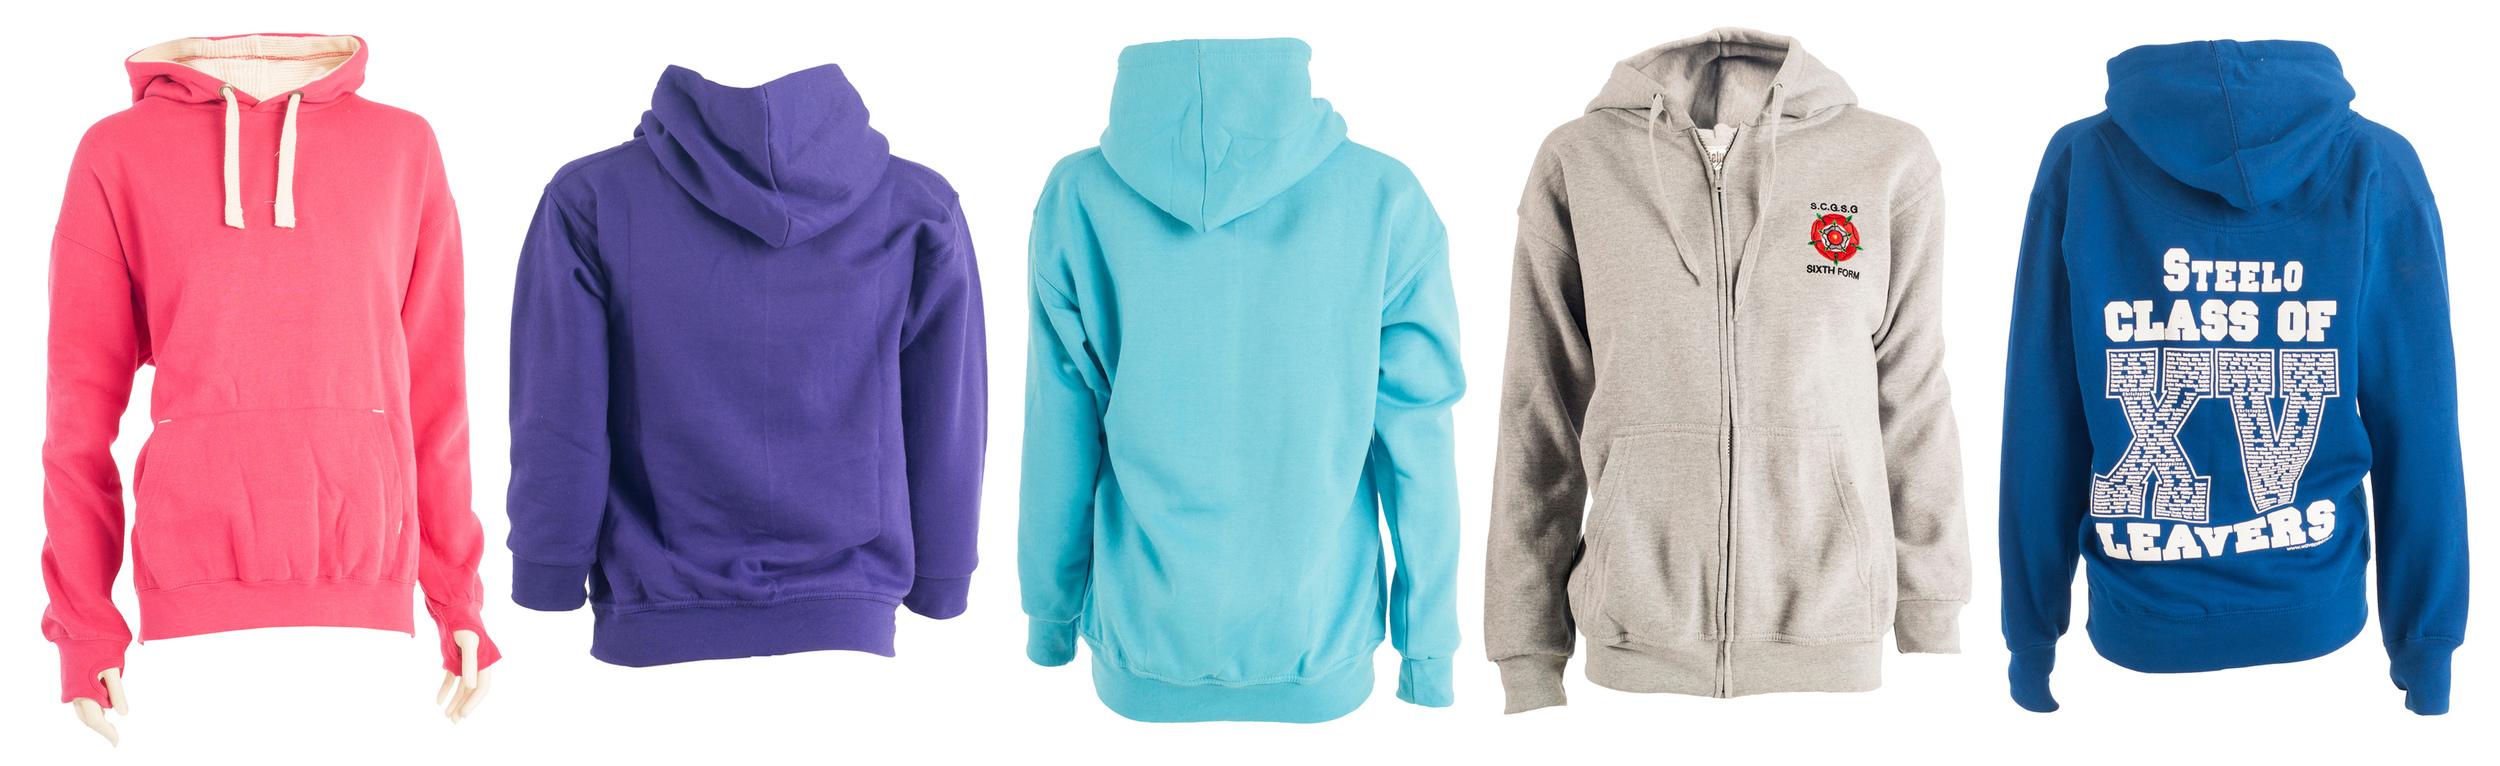 Mixed hoodies.jpg